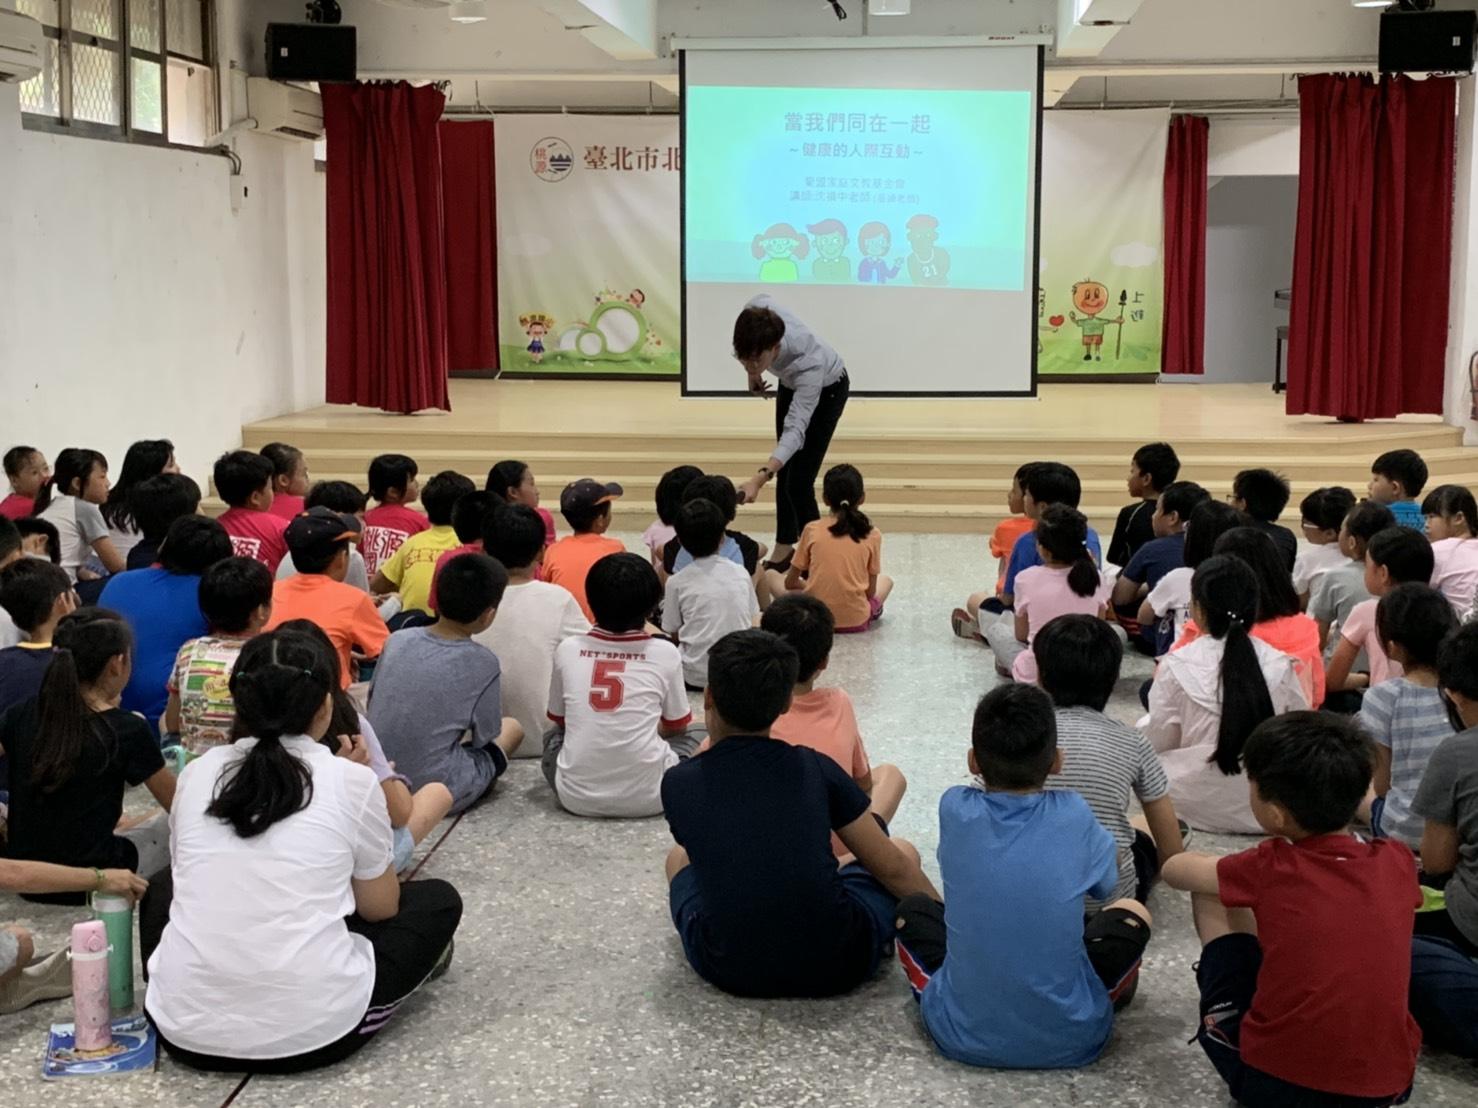 2019-05-16 桃源國小中年級:男女互動與相處